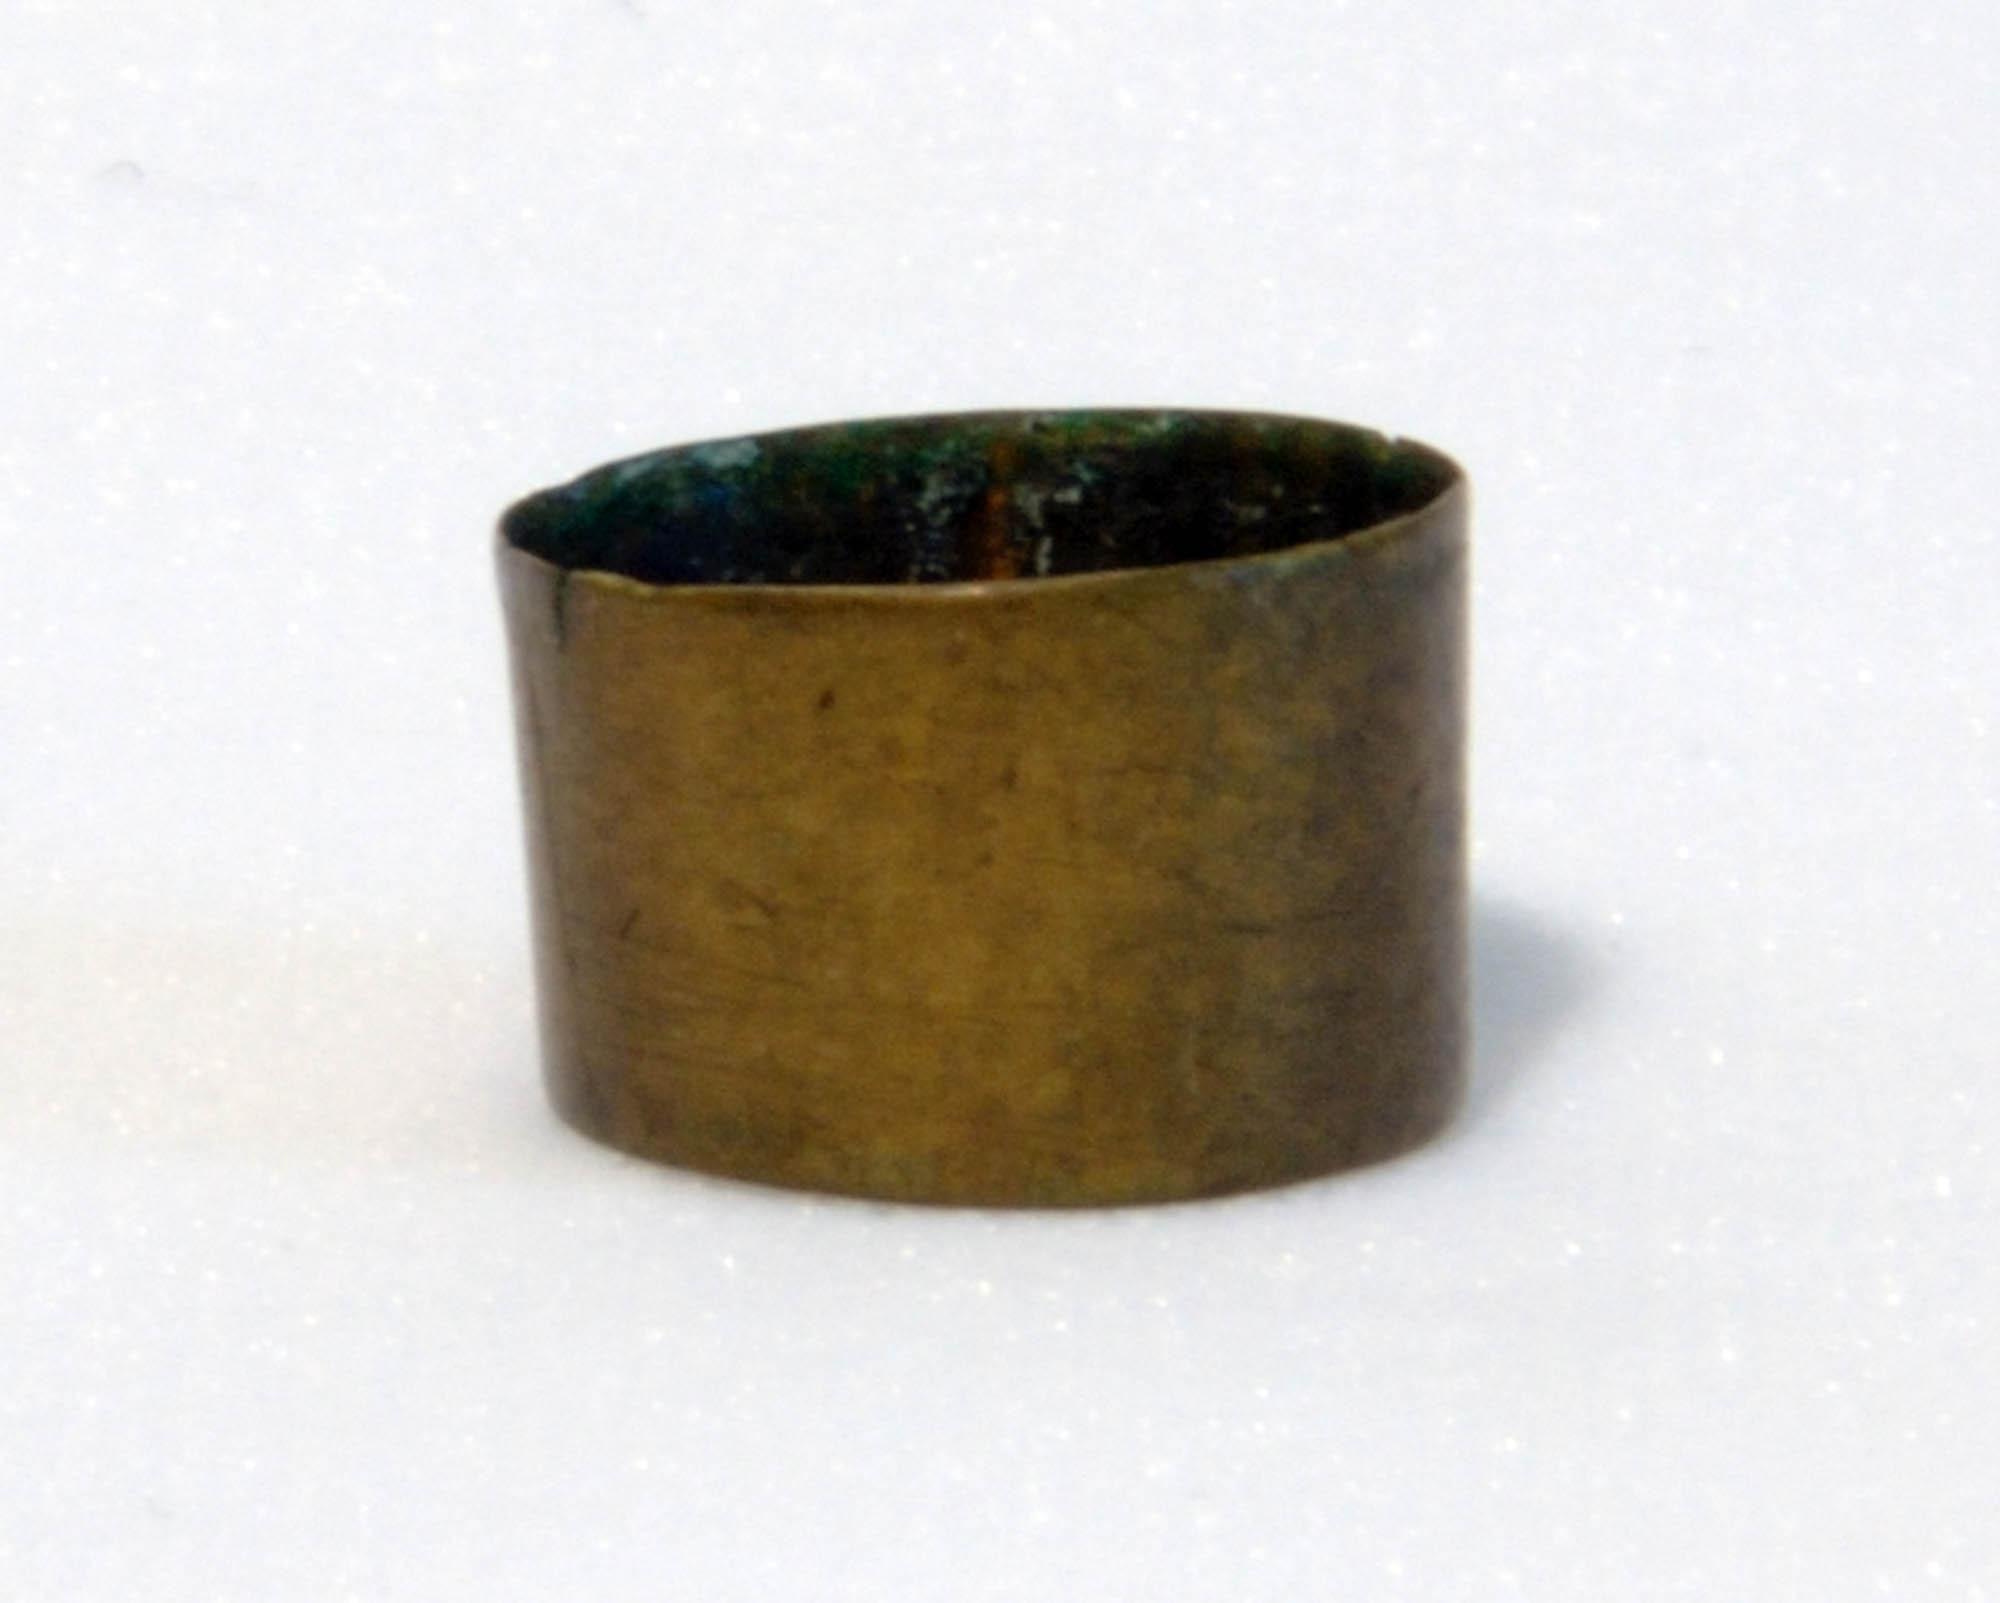 Brass object